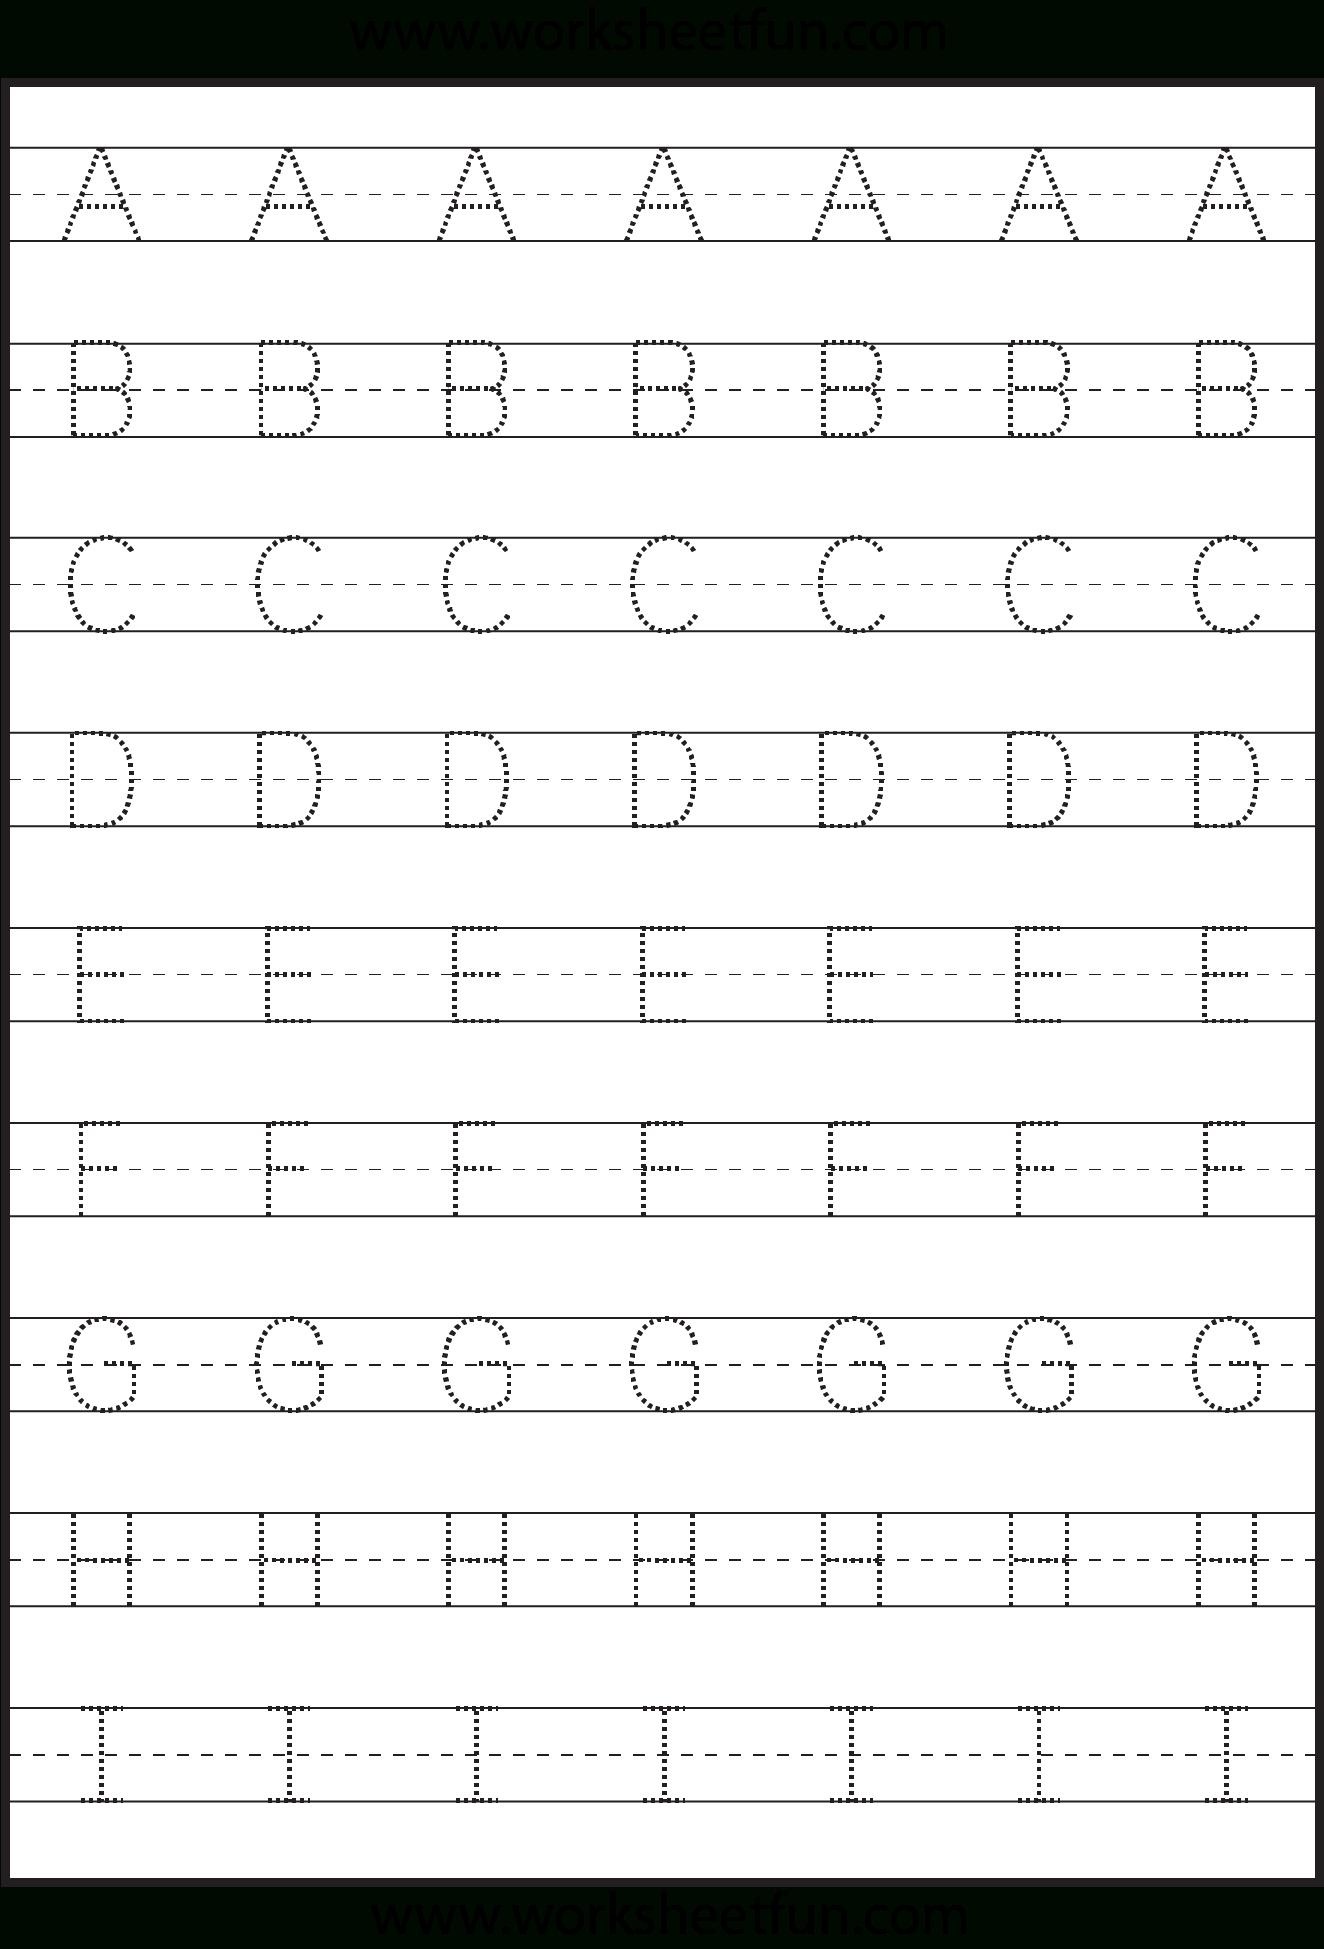 Letter Tracing - 3 Worksheets | Kids Math Worksheets in Tracing Letters Worksheets For 3 Year Olds